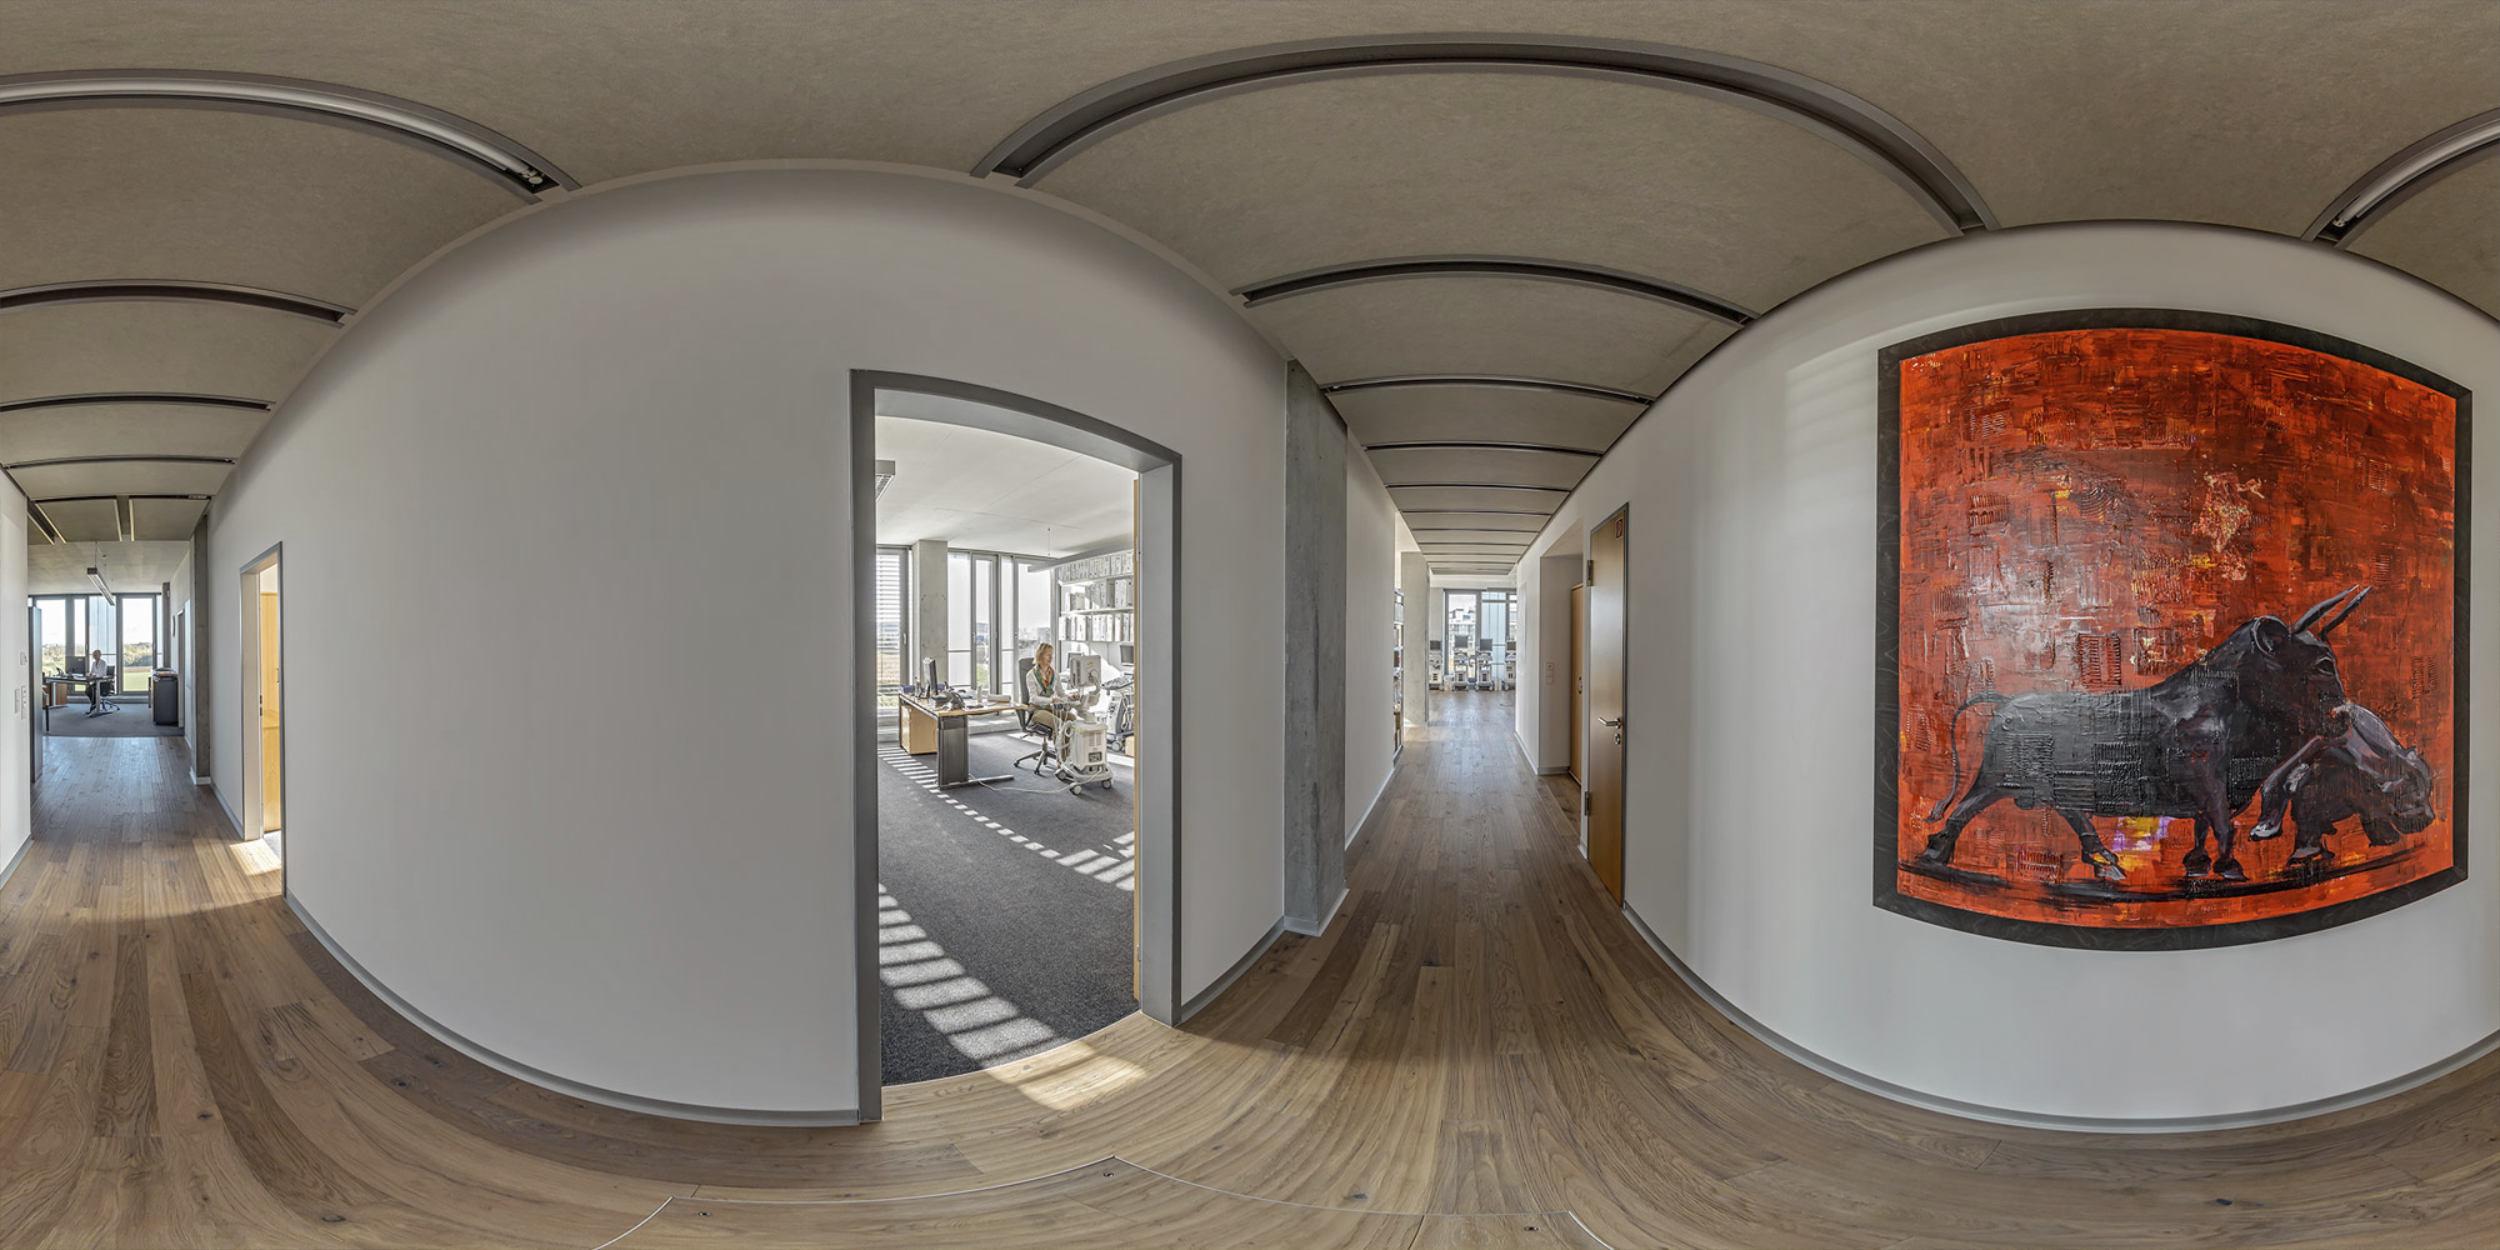 Panoramafotografie Virtuelle Touren 360Grad Fotografie Stuttgart und Umgebung Panorama 360°x180° Sphäre Virtuelle Tour durch die Räumlichkeiten von DORMED Stuttgart in Leinfelden Echterdingen